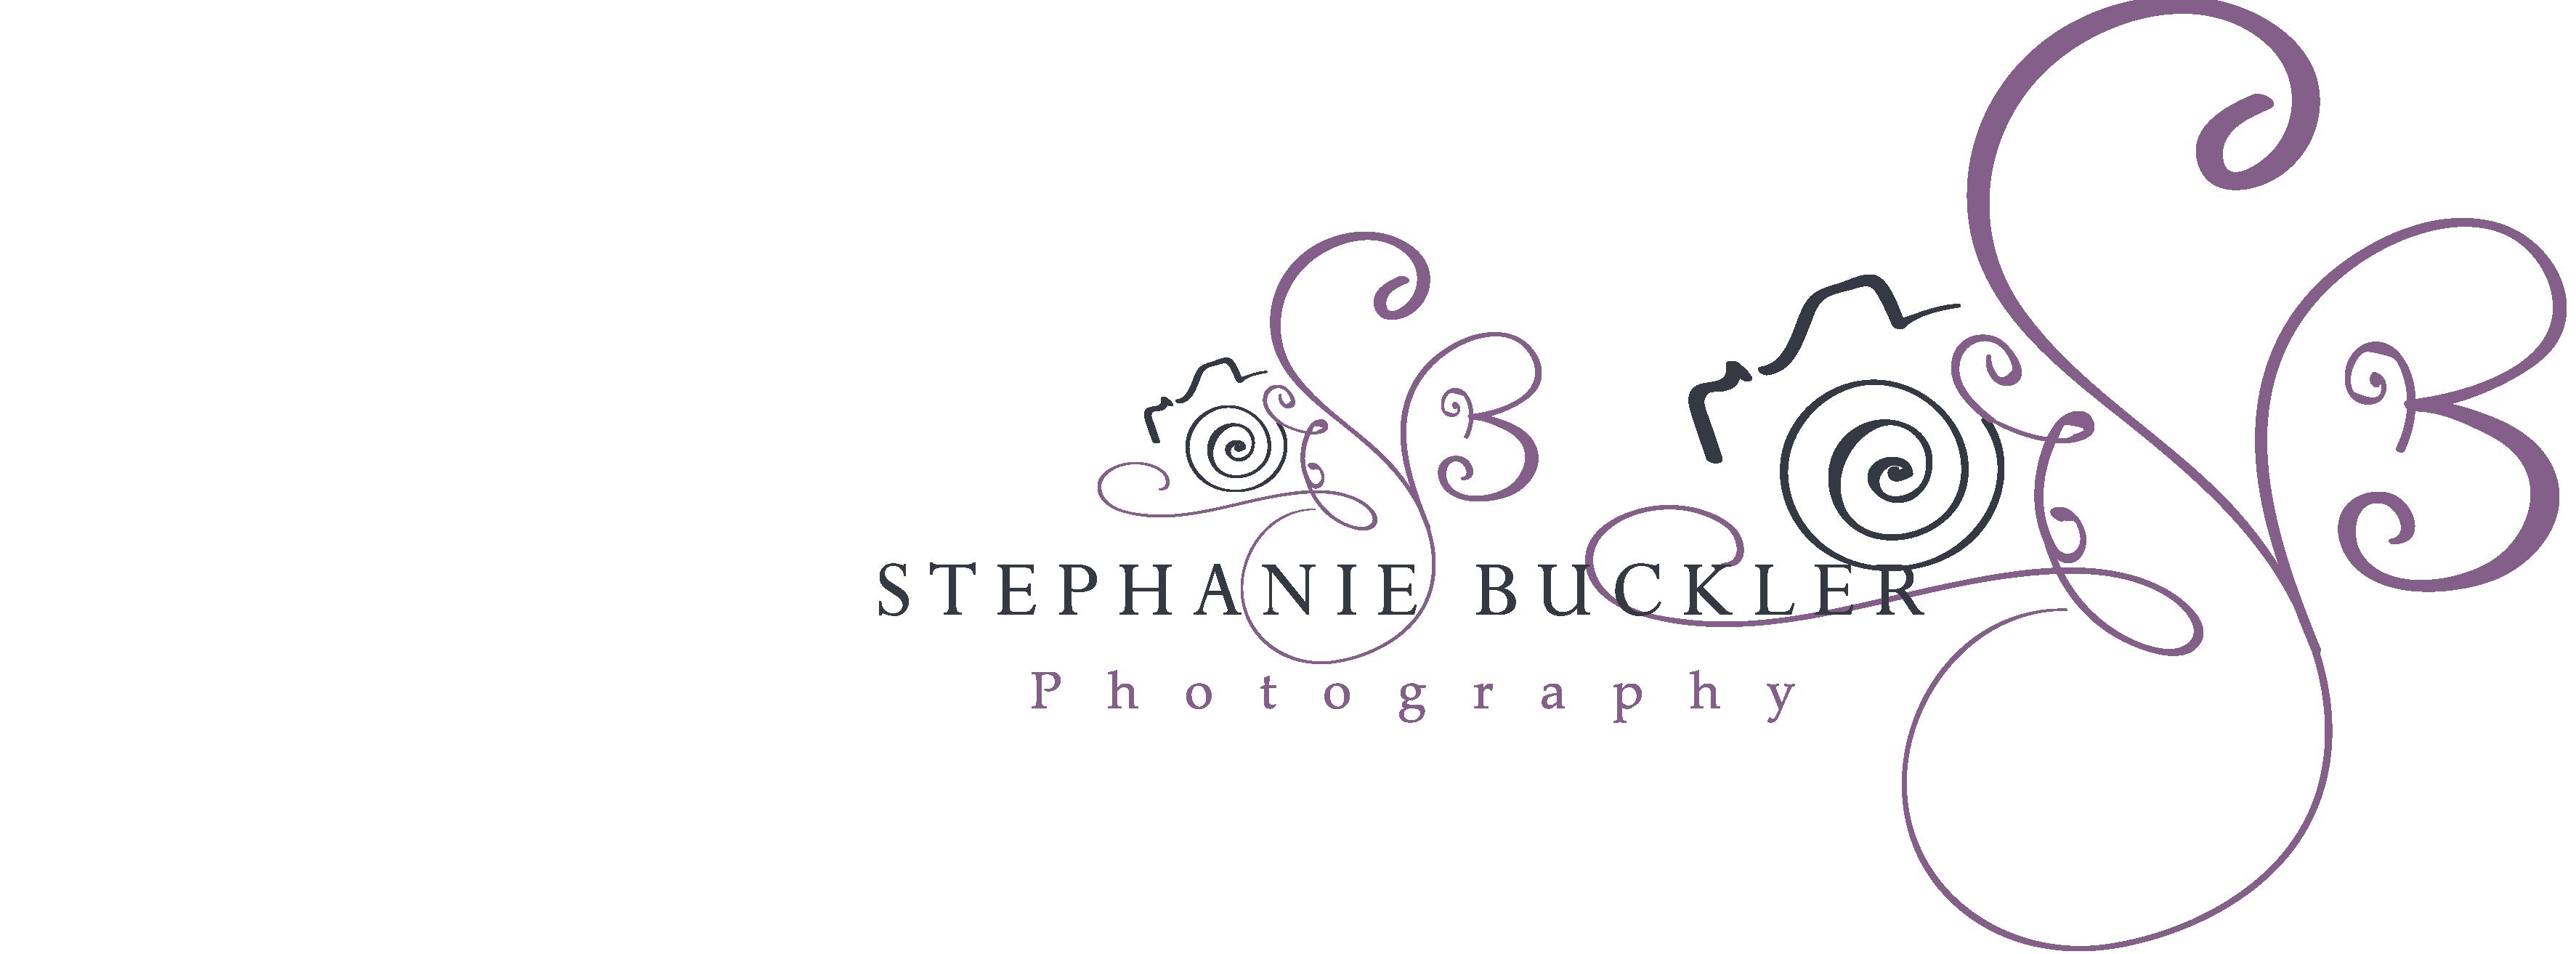 Stephanie Buckler